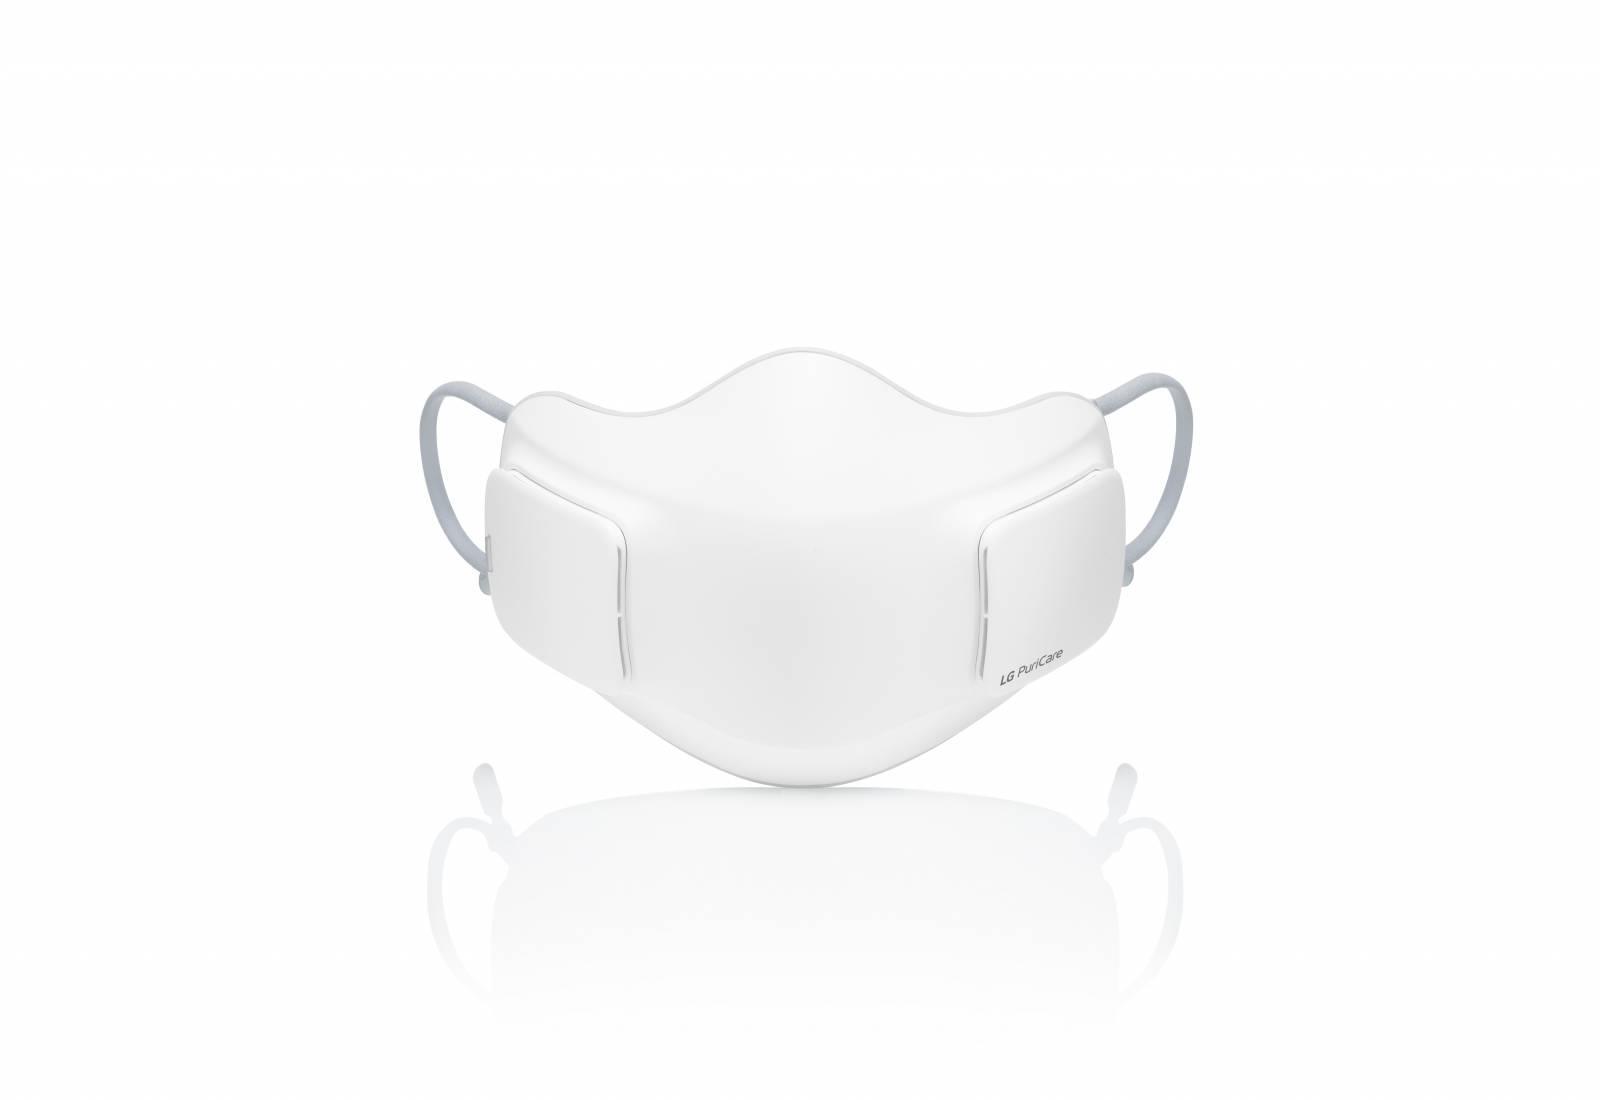 Immagine La mascherina diventa un vero e proprio purificatore d